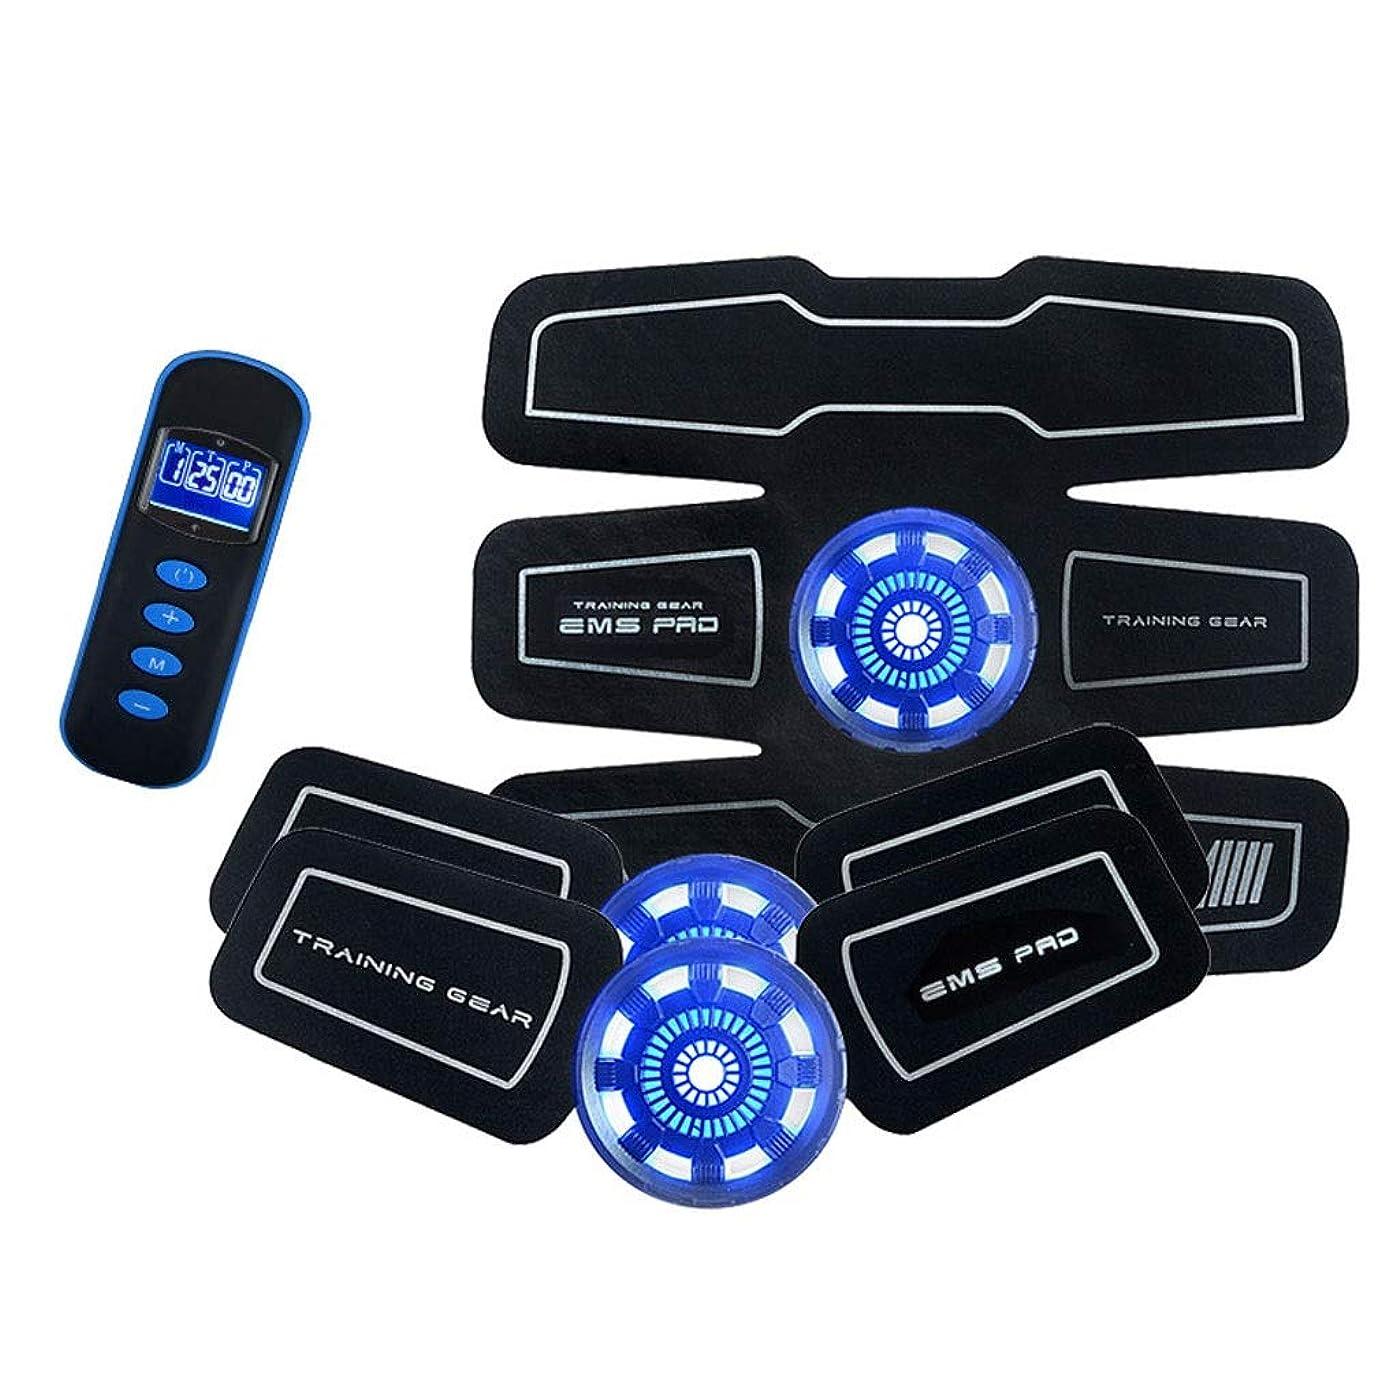 行く快適テクニカル腹筋トレーナーフィットネストレーニングギア、リモコン付きEMS筋肉刺激装置 - USB充電式究極腹部刺激装置 - ポータブル筋肉トナー